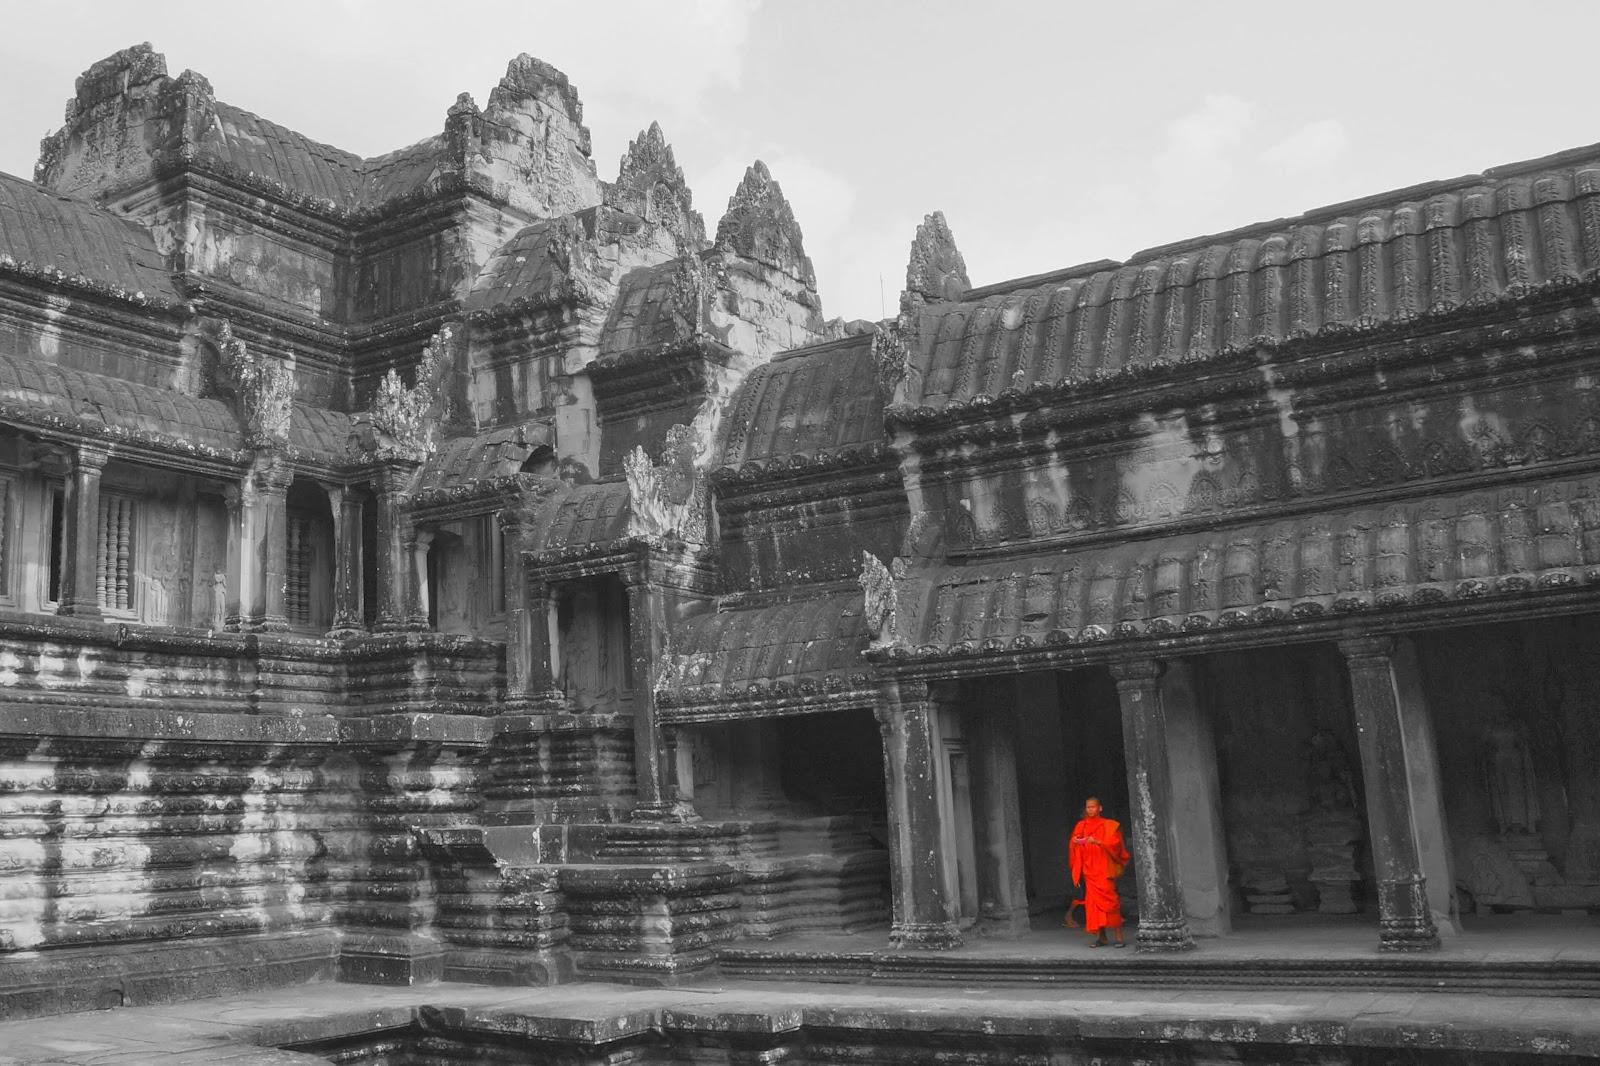 Un moine solitaire dans Angkor Wat